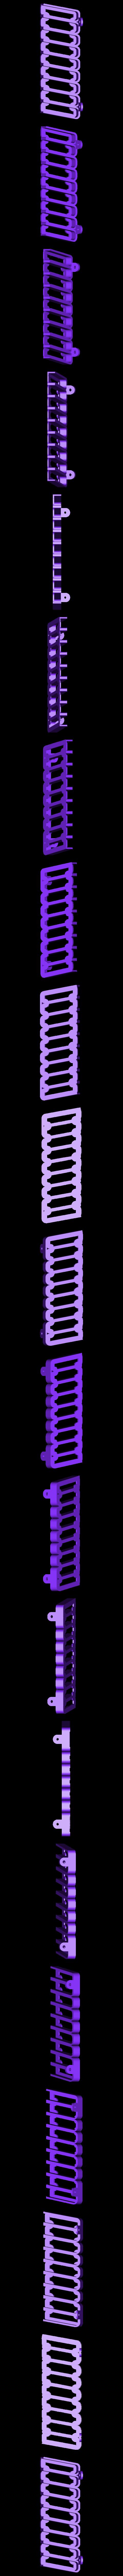 rack_lt.stl Télécharger fichier STL gratuit Support mural DVD / PS4 / BluRay (9 unités) • Plan pour imprimante 3D, jbrum360